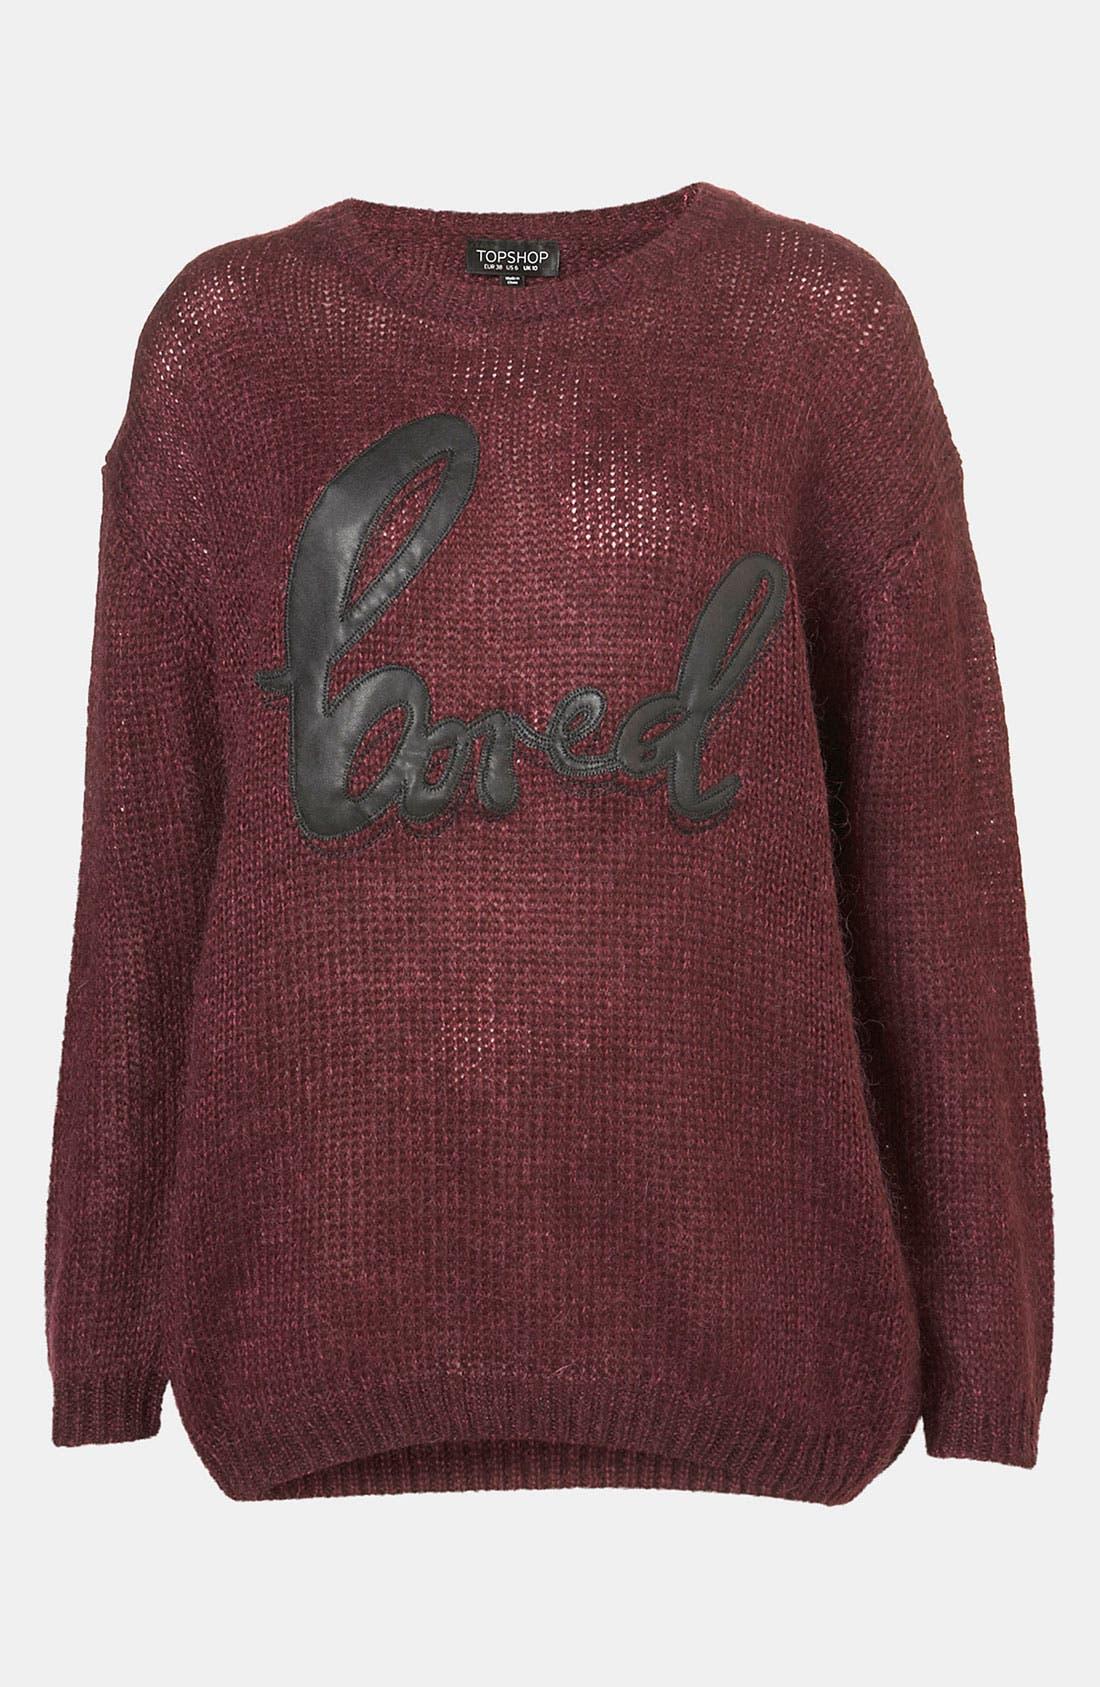 TOPSHOP 'Bored' Faux Leather Appliqué Sweater, Main, color, 930